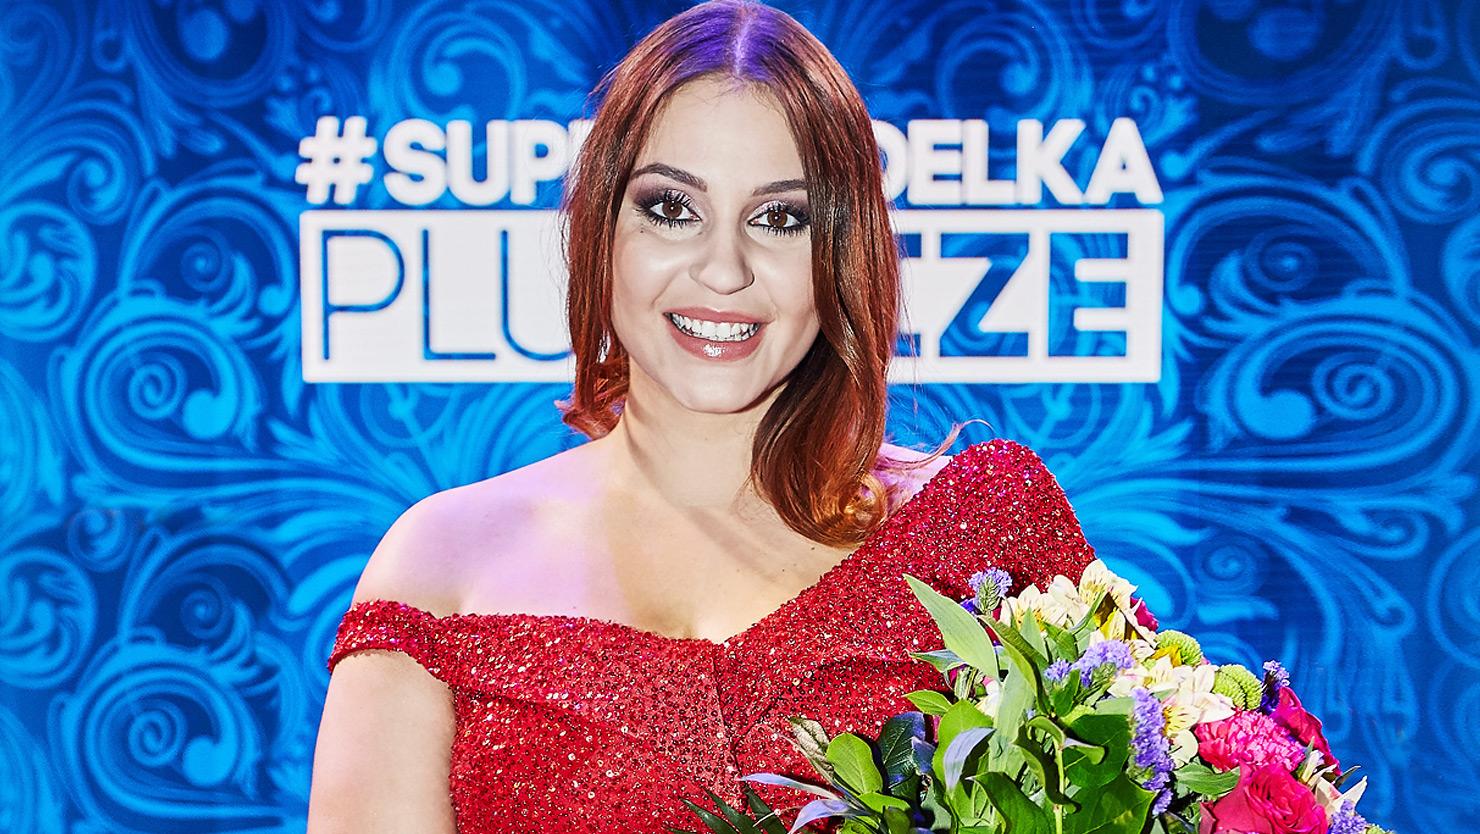 #Supermodelka Plus Size: Kulisy wielkiego finału - Polsat.pl